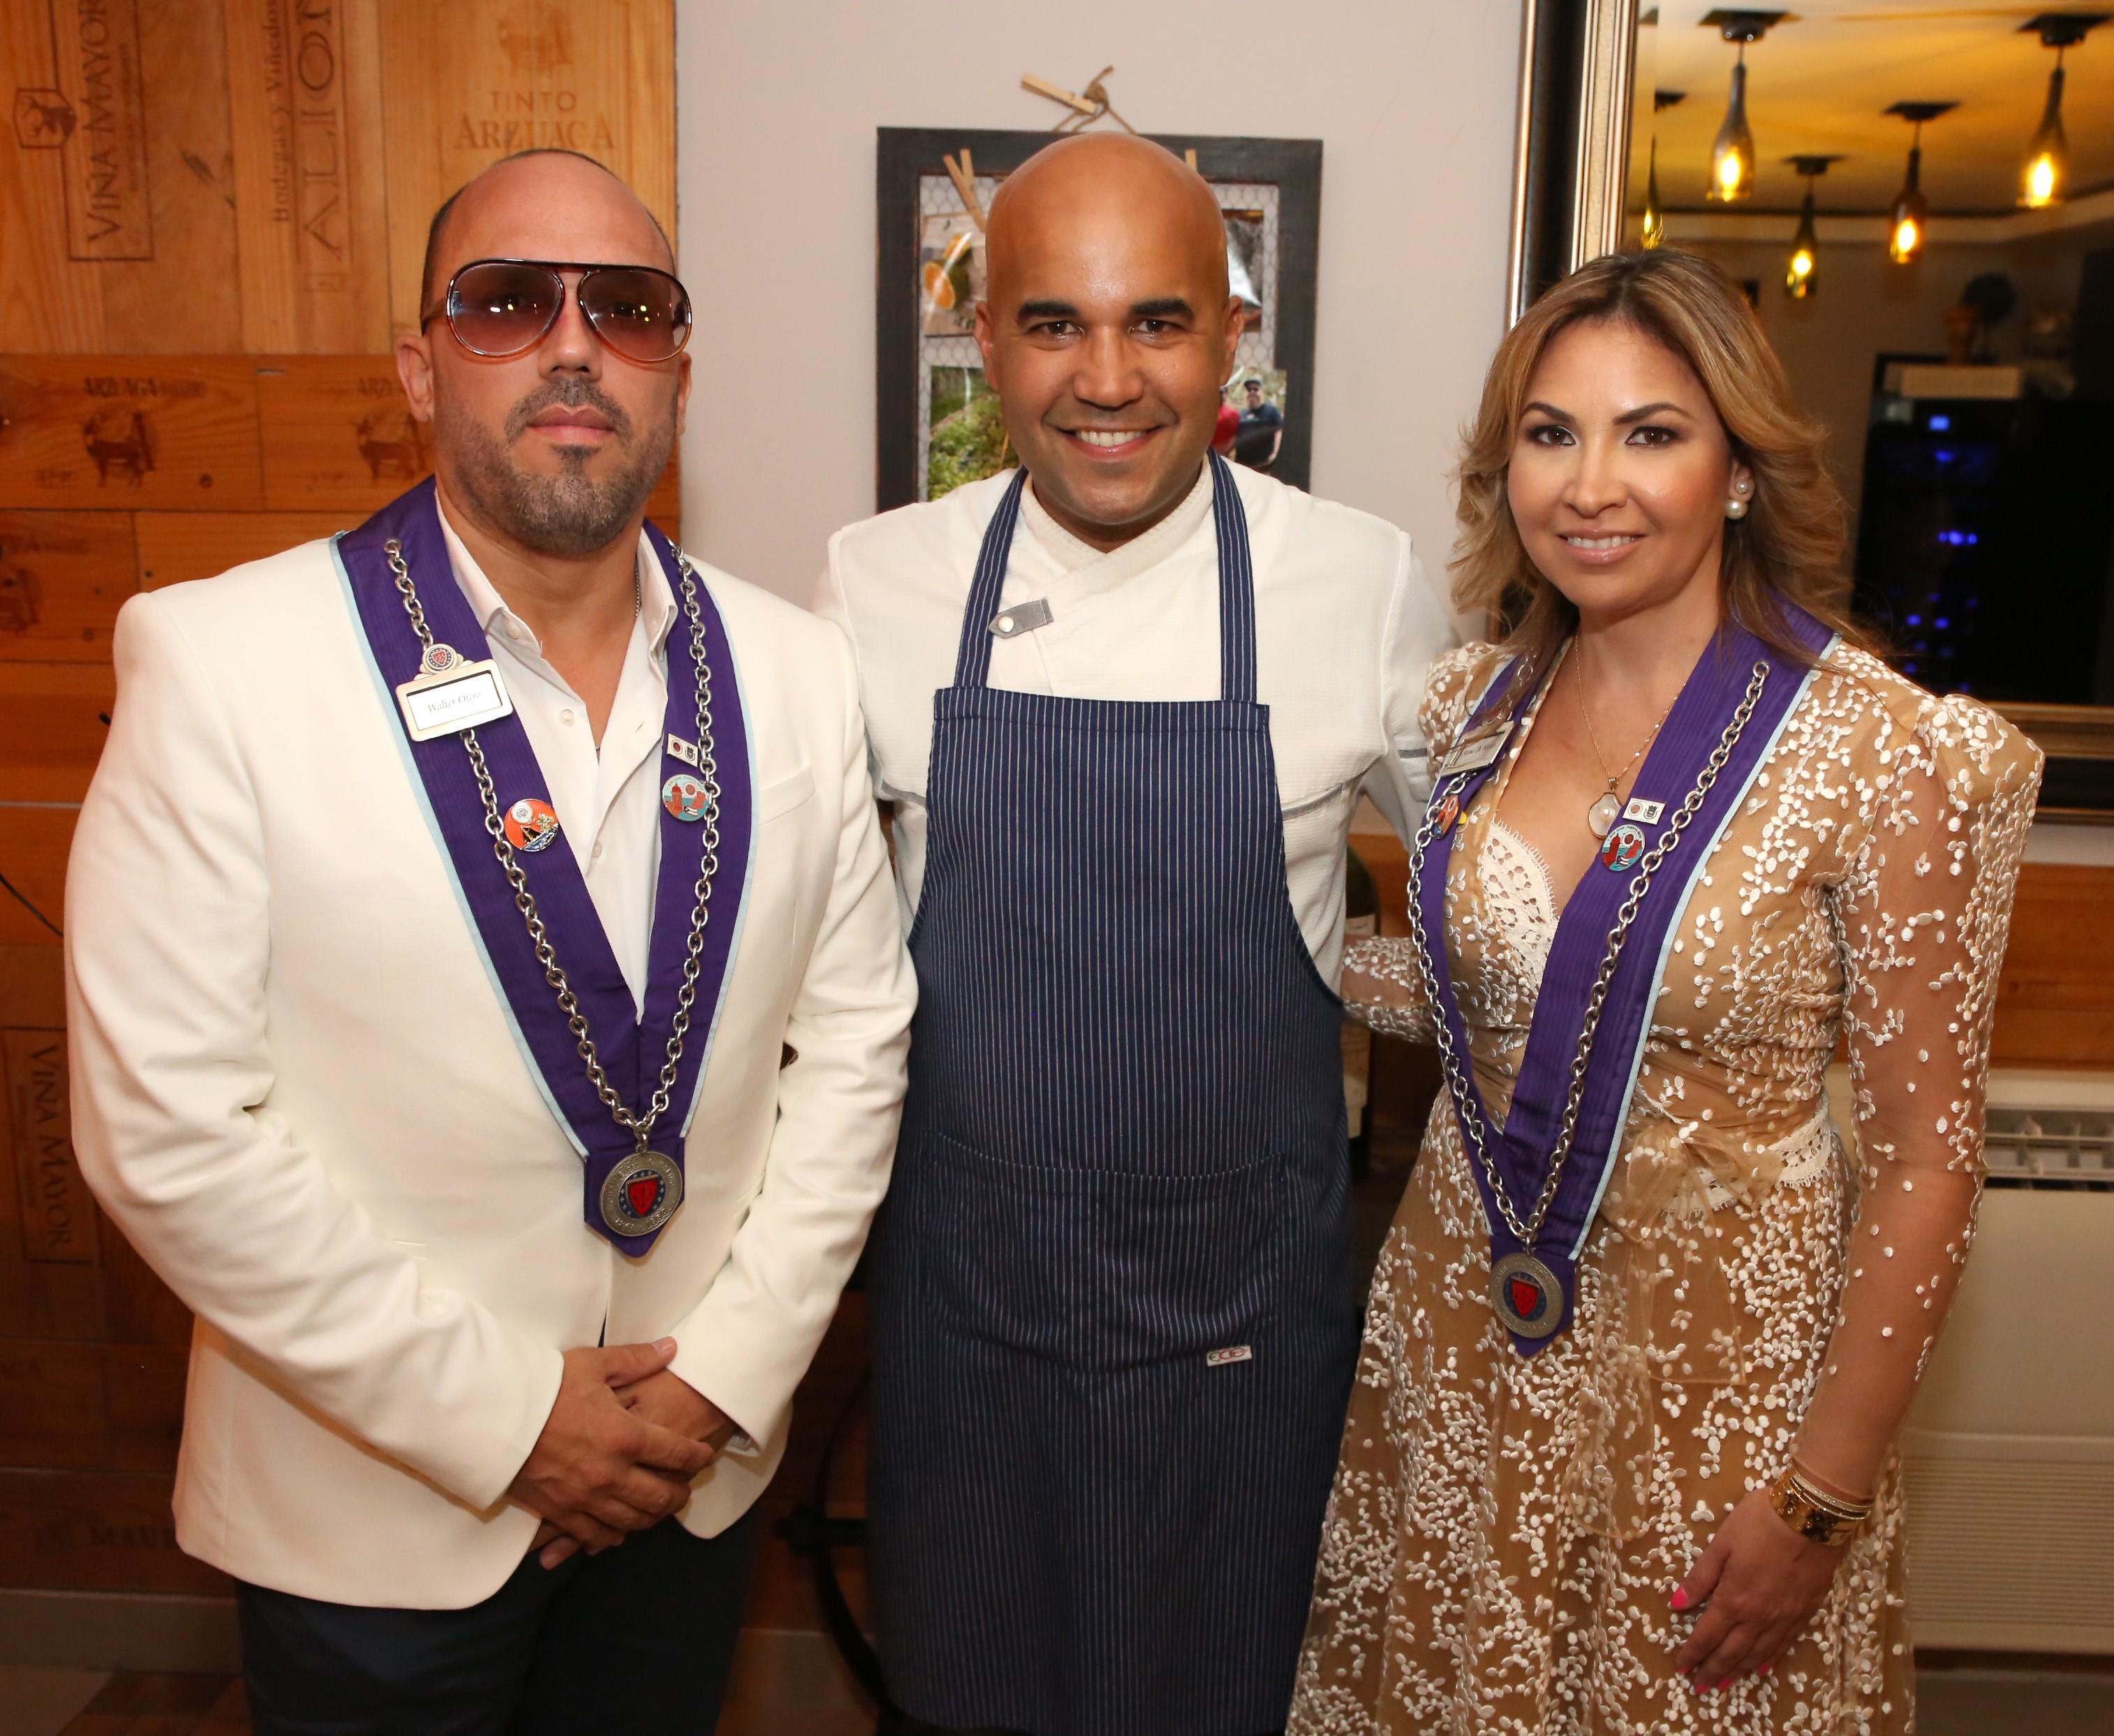 Walter Otero y Anna Di Marco, anfitriones de la velada, junto al chef Piñeiro. Foto suministrada.